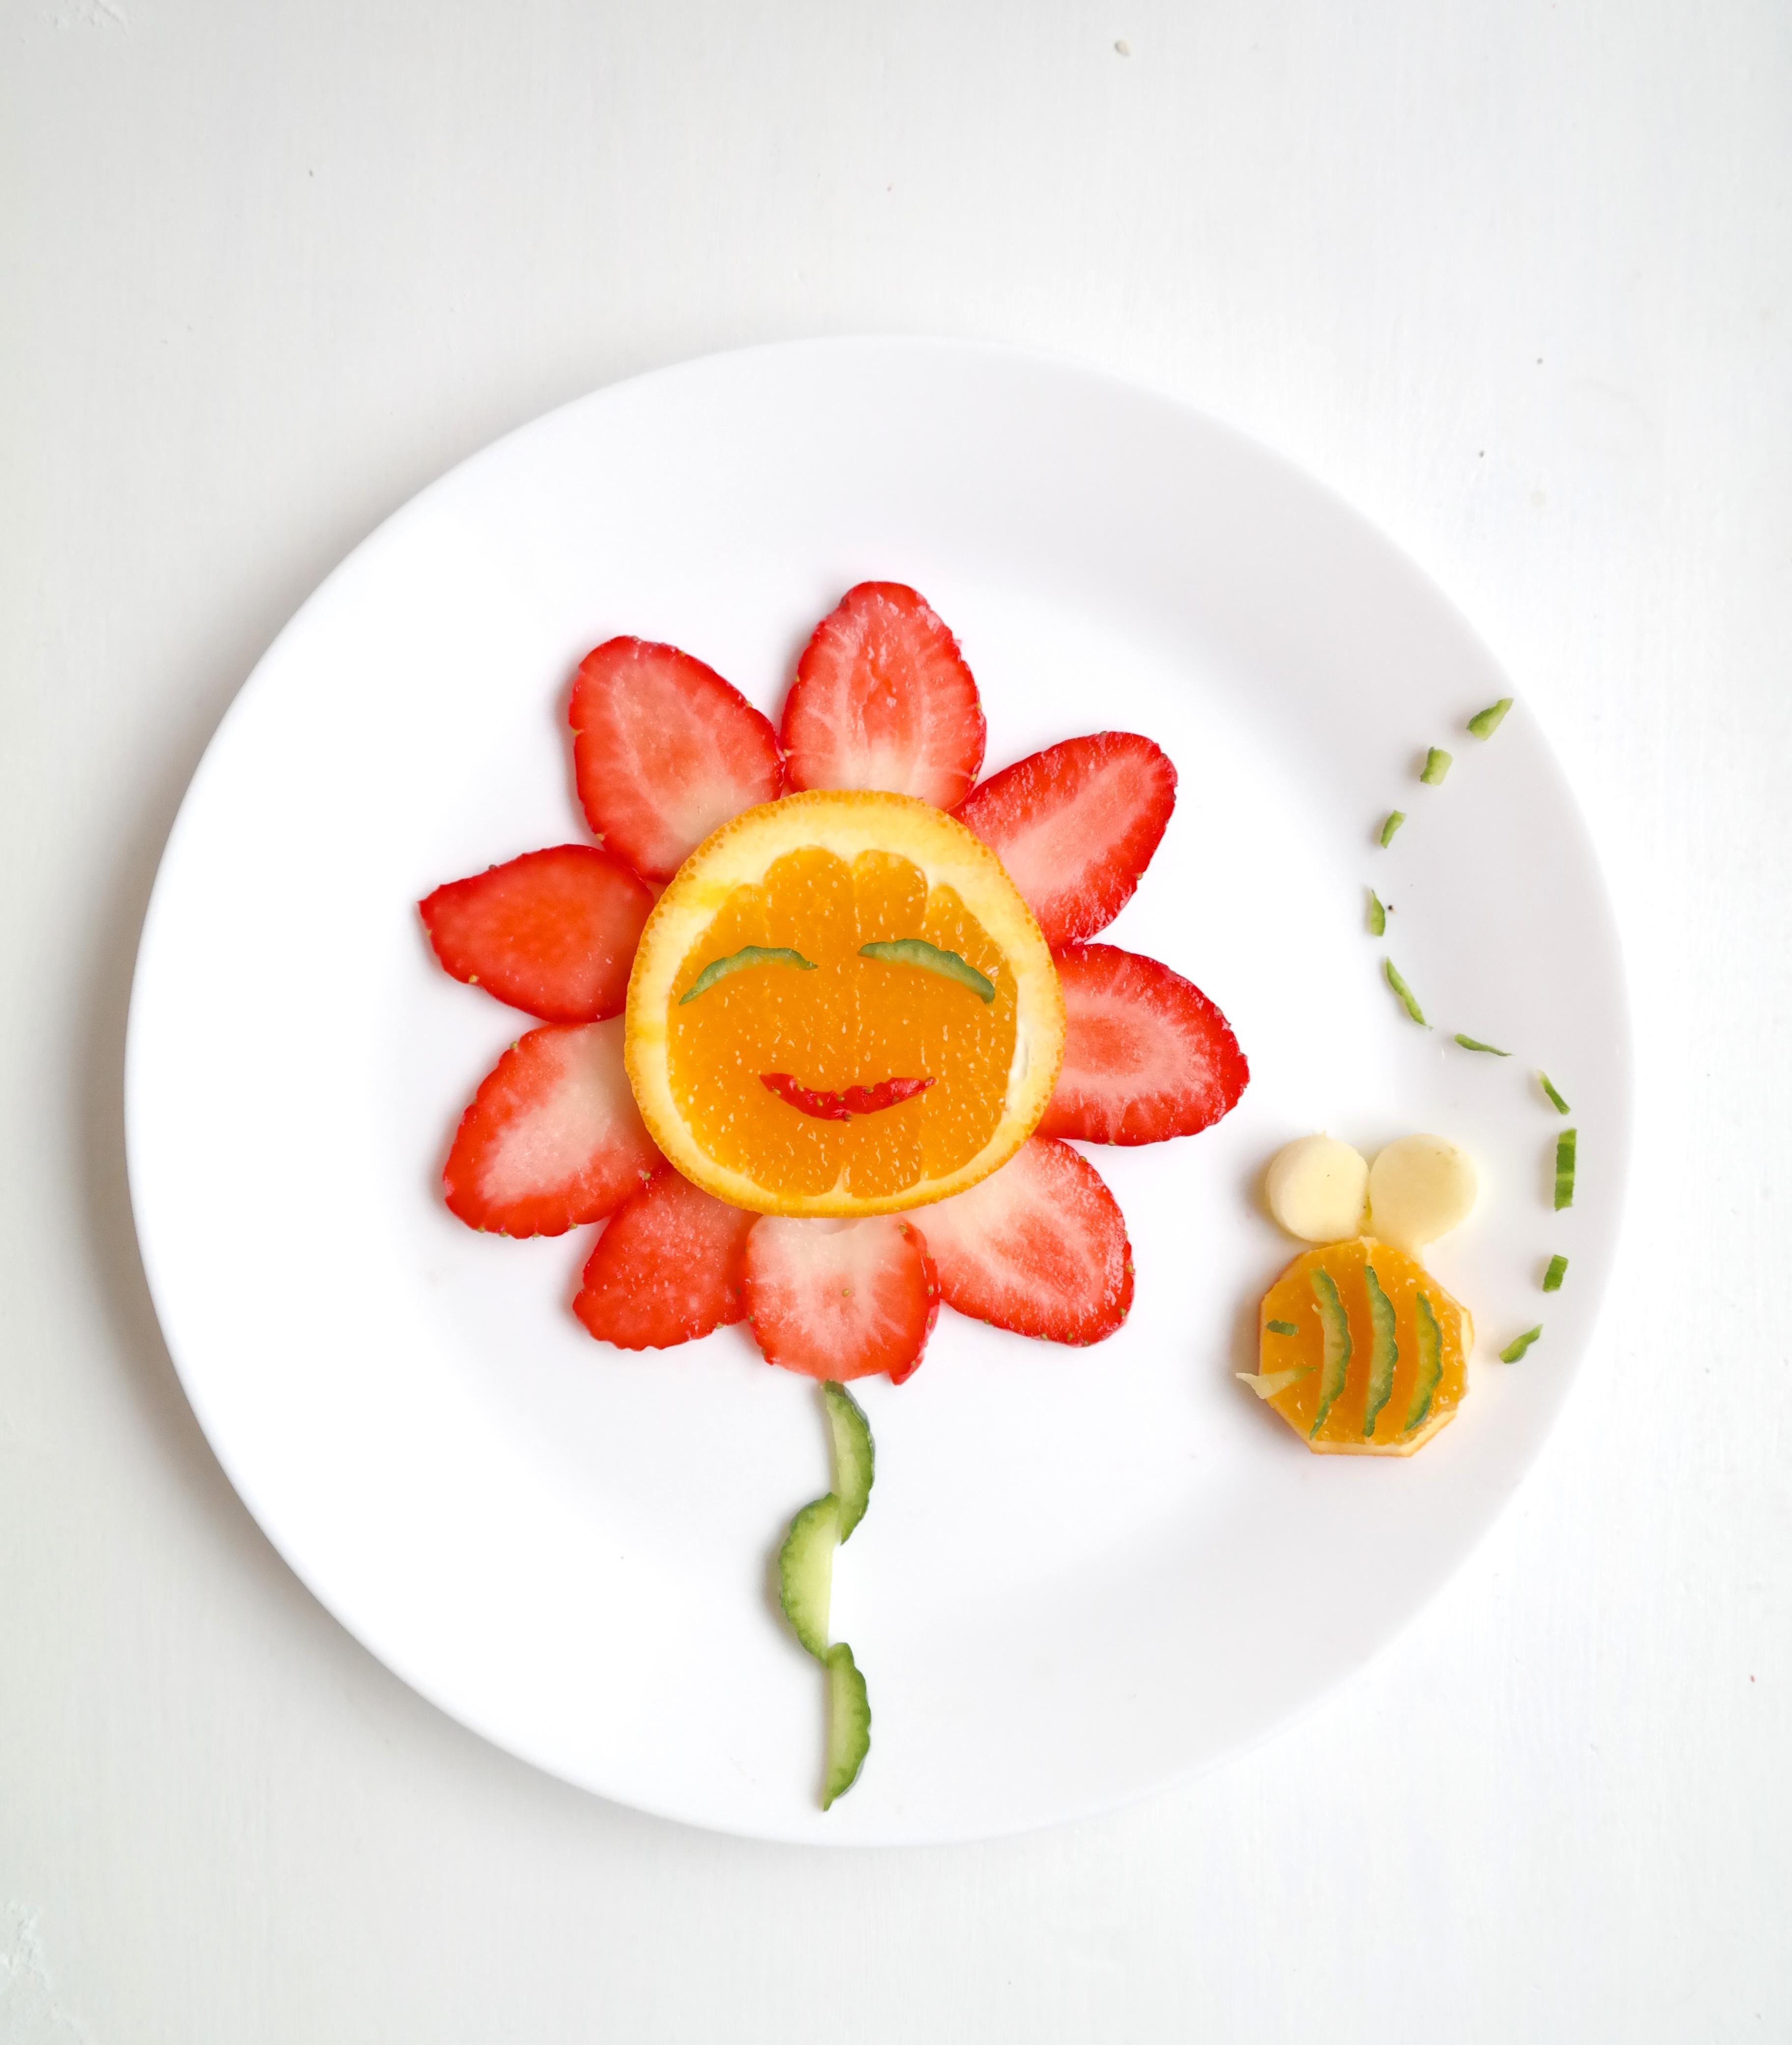 Appelsin og Jordbær Blomst